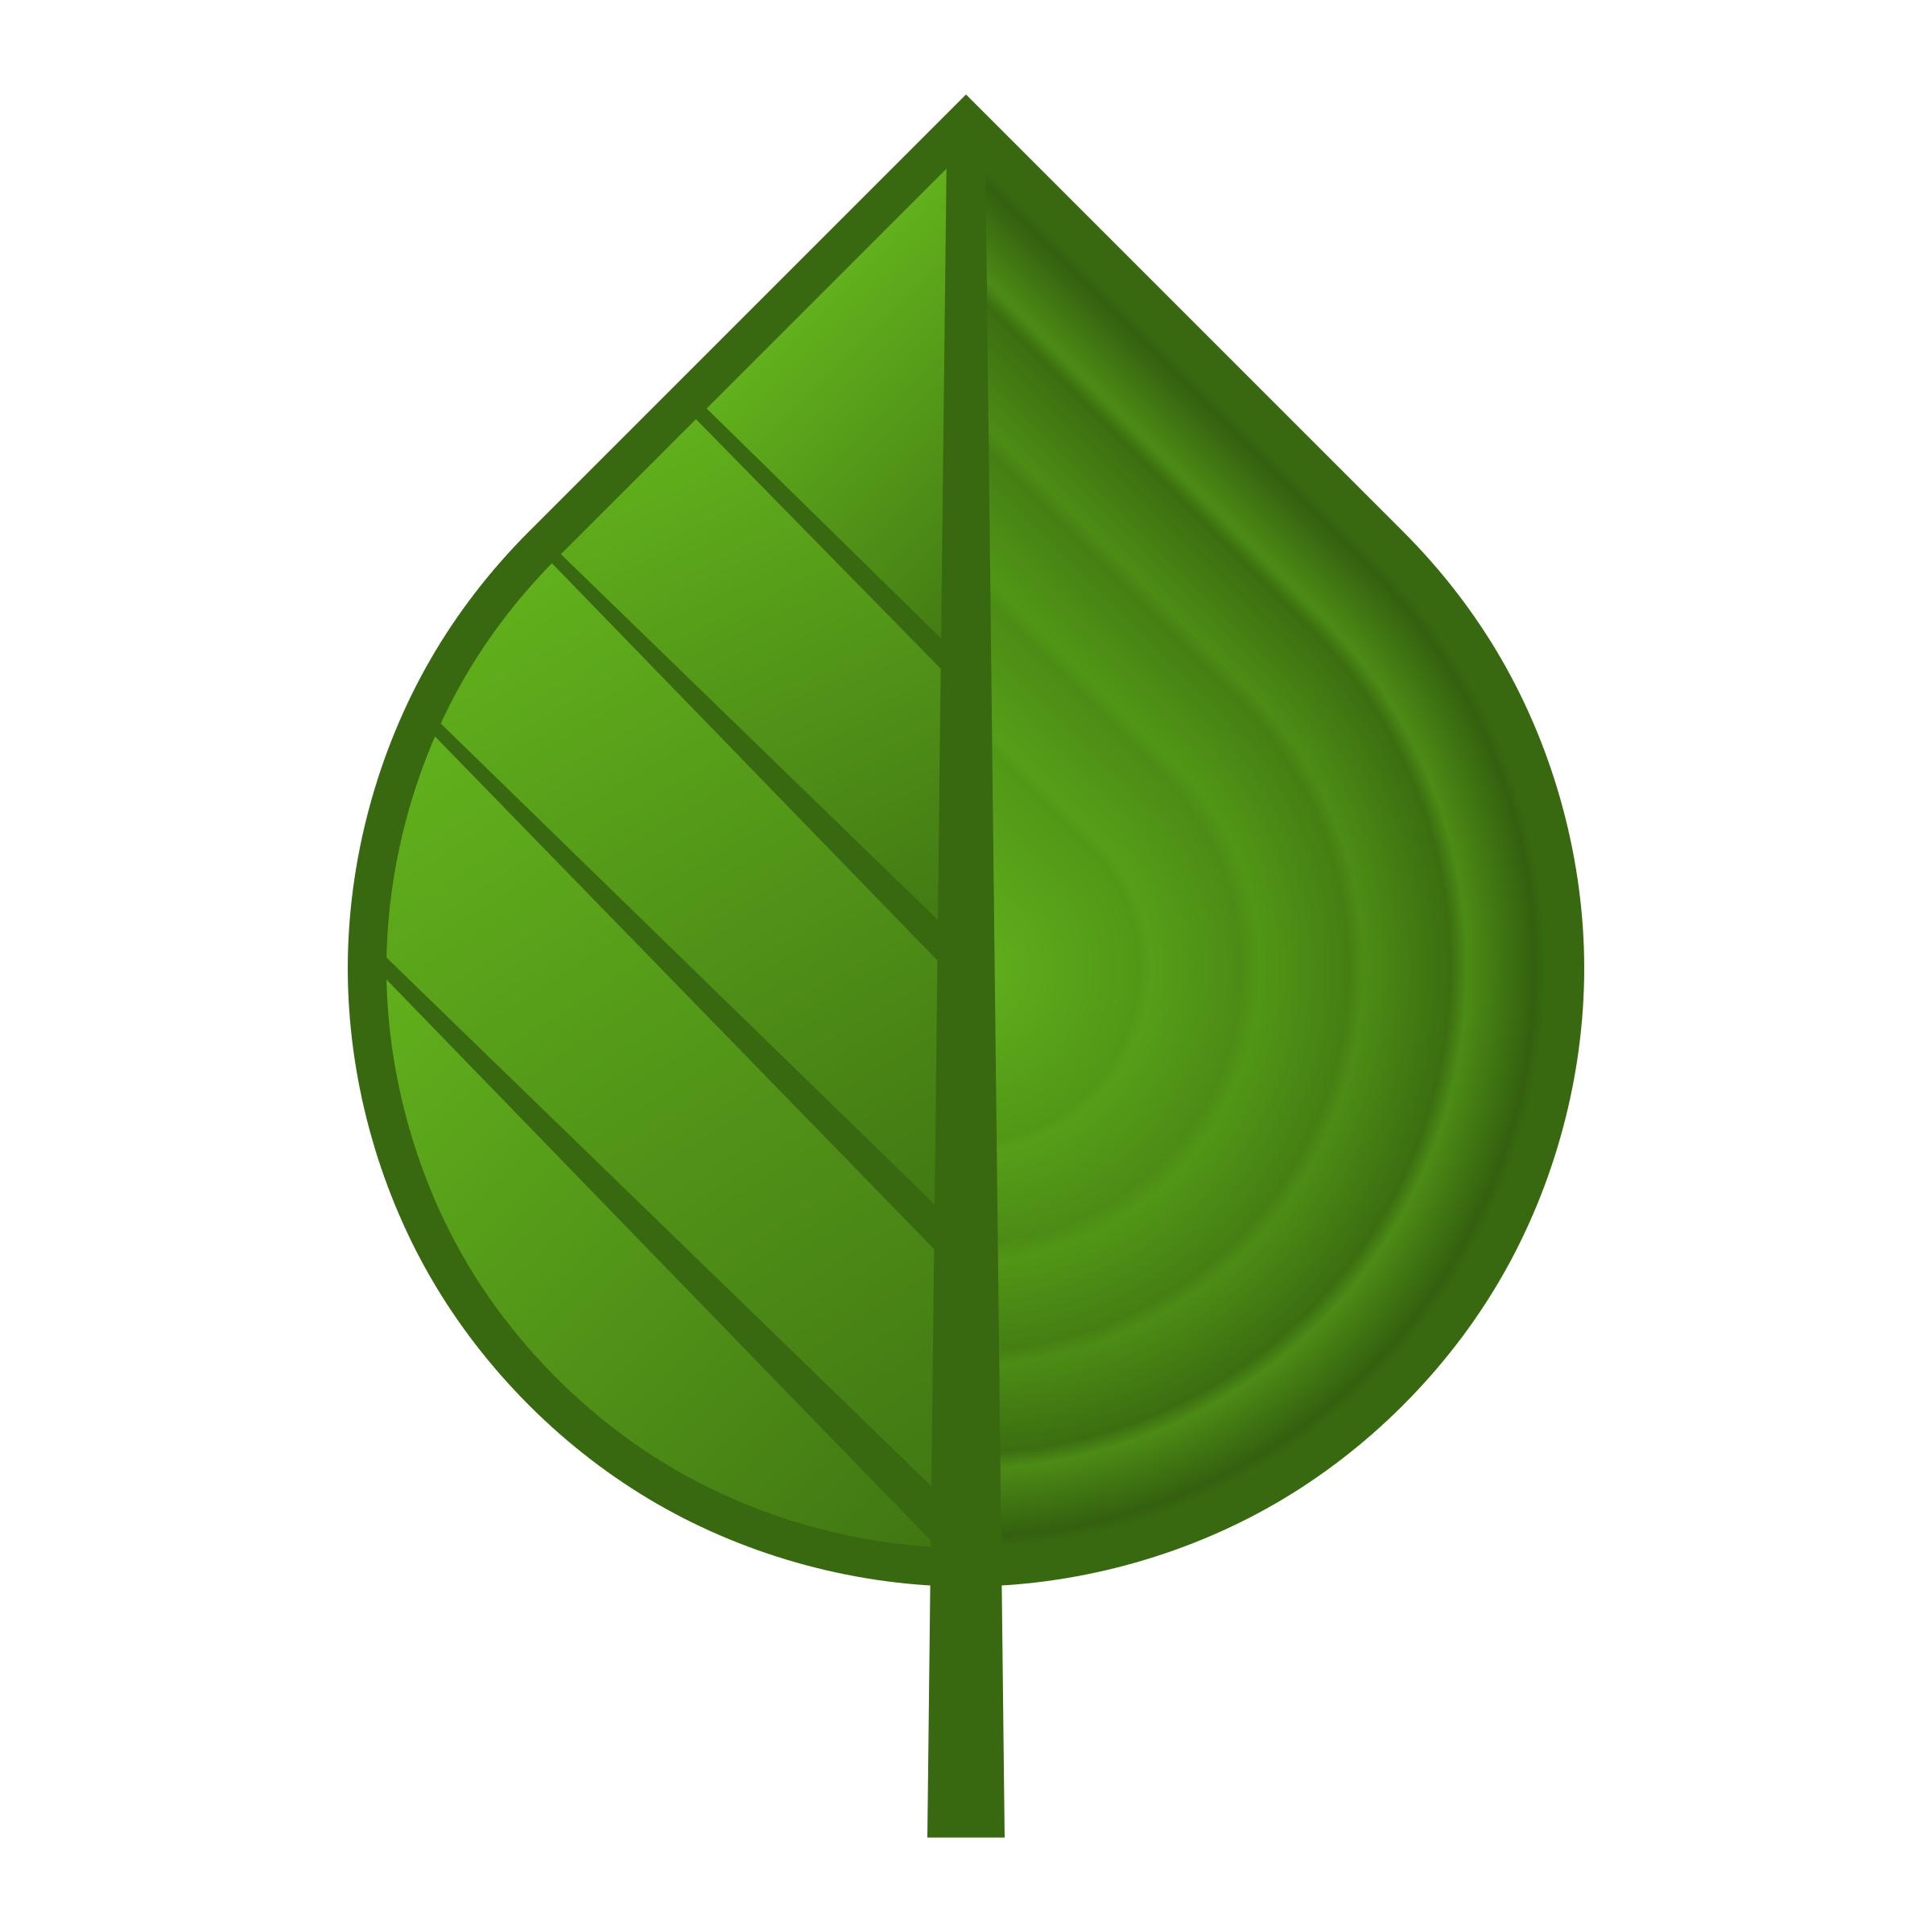 Leaf shape clipart 4 » Clipart Portal.